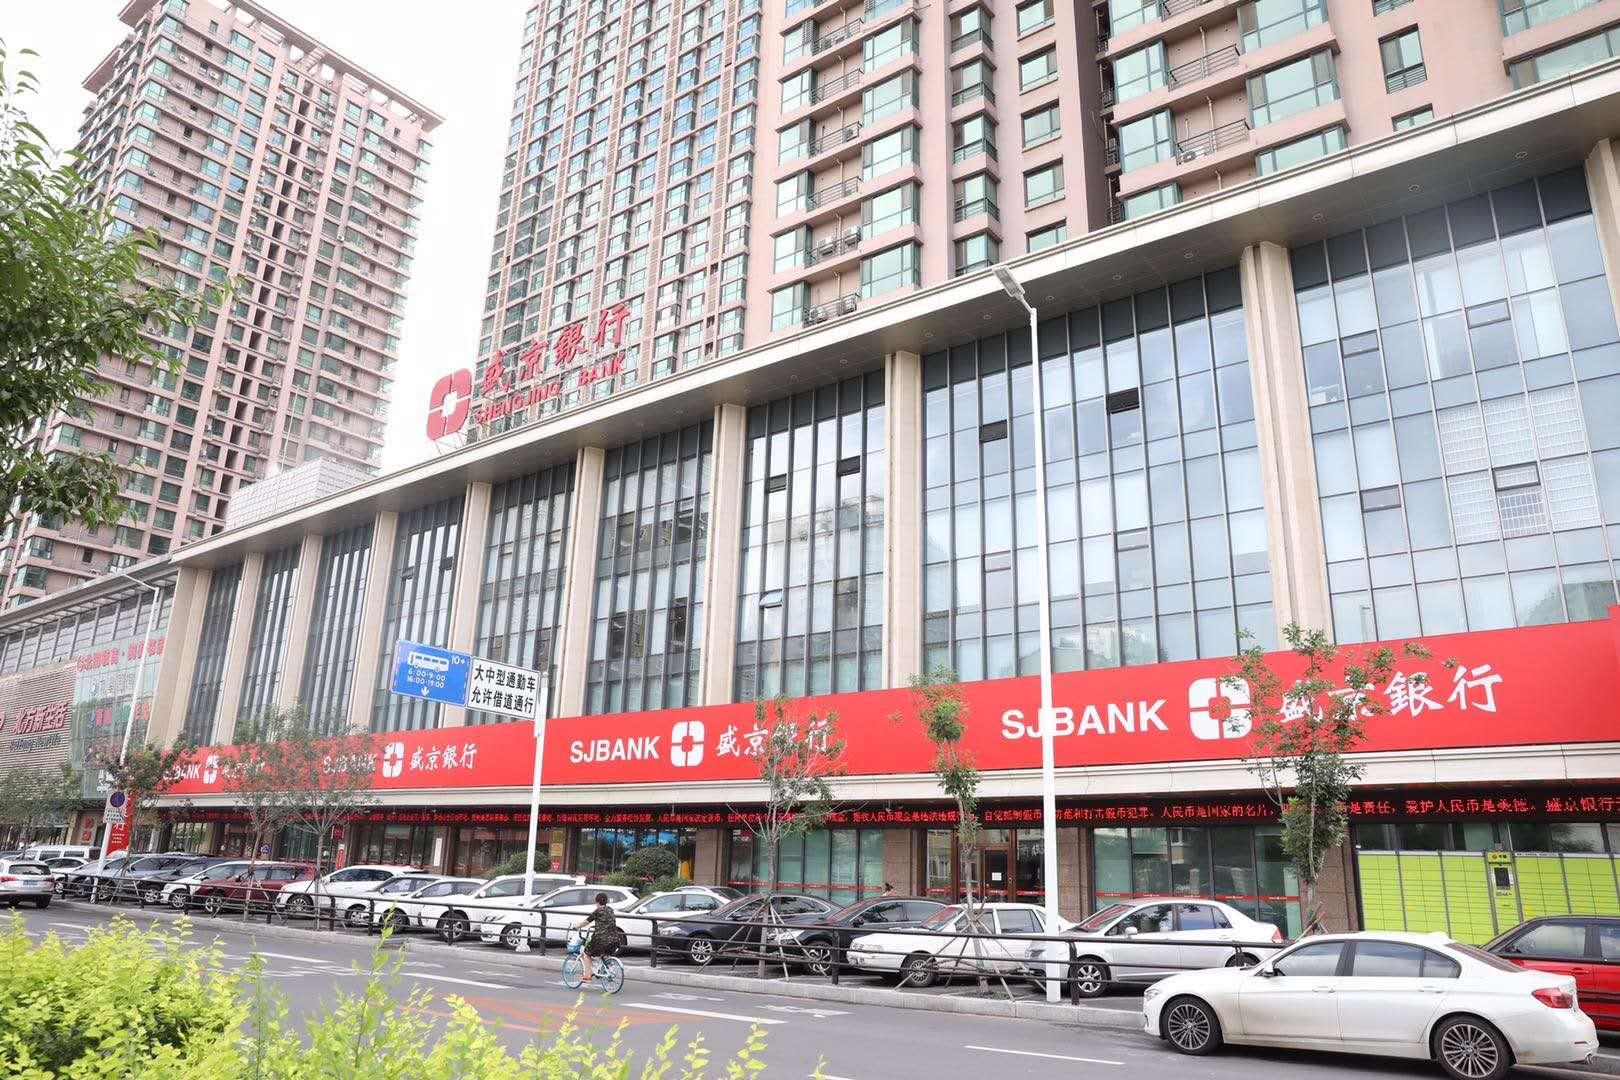 盛京银行多措并举助力疫情防控